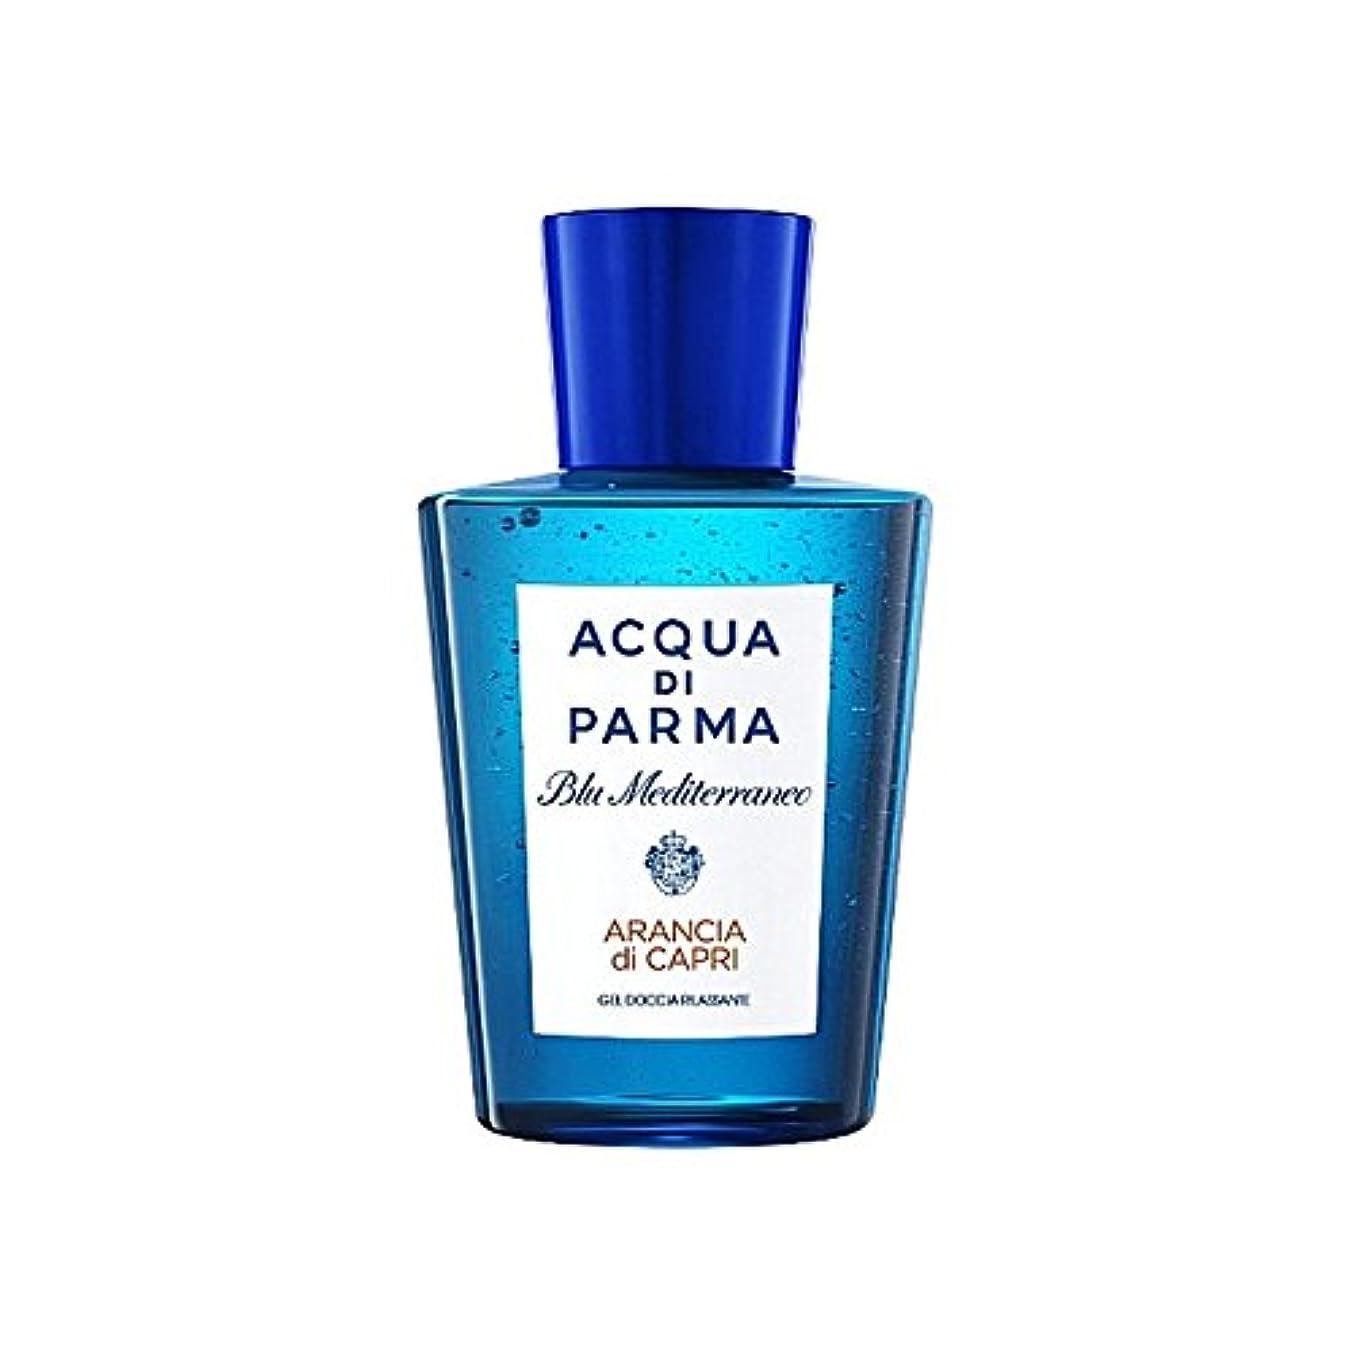 ブラストビジョン靄Acqua Di Parma Blu Mediterraneo Arancia Di Capri Shower Gel 200ml - アクアディパルマブルーメディのアランシアジカプリシャワージェル200 [並行輸入品]